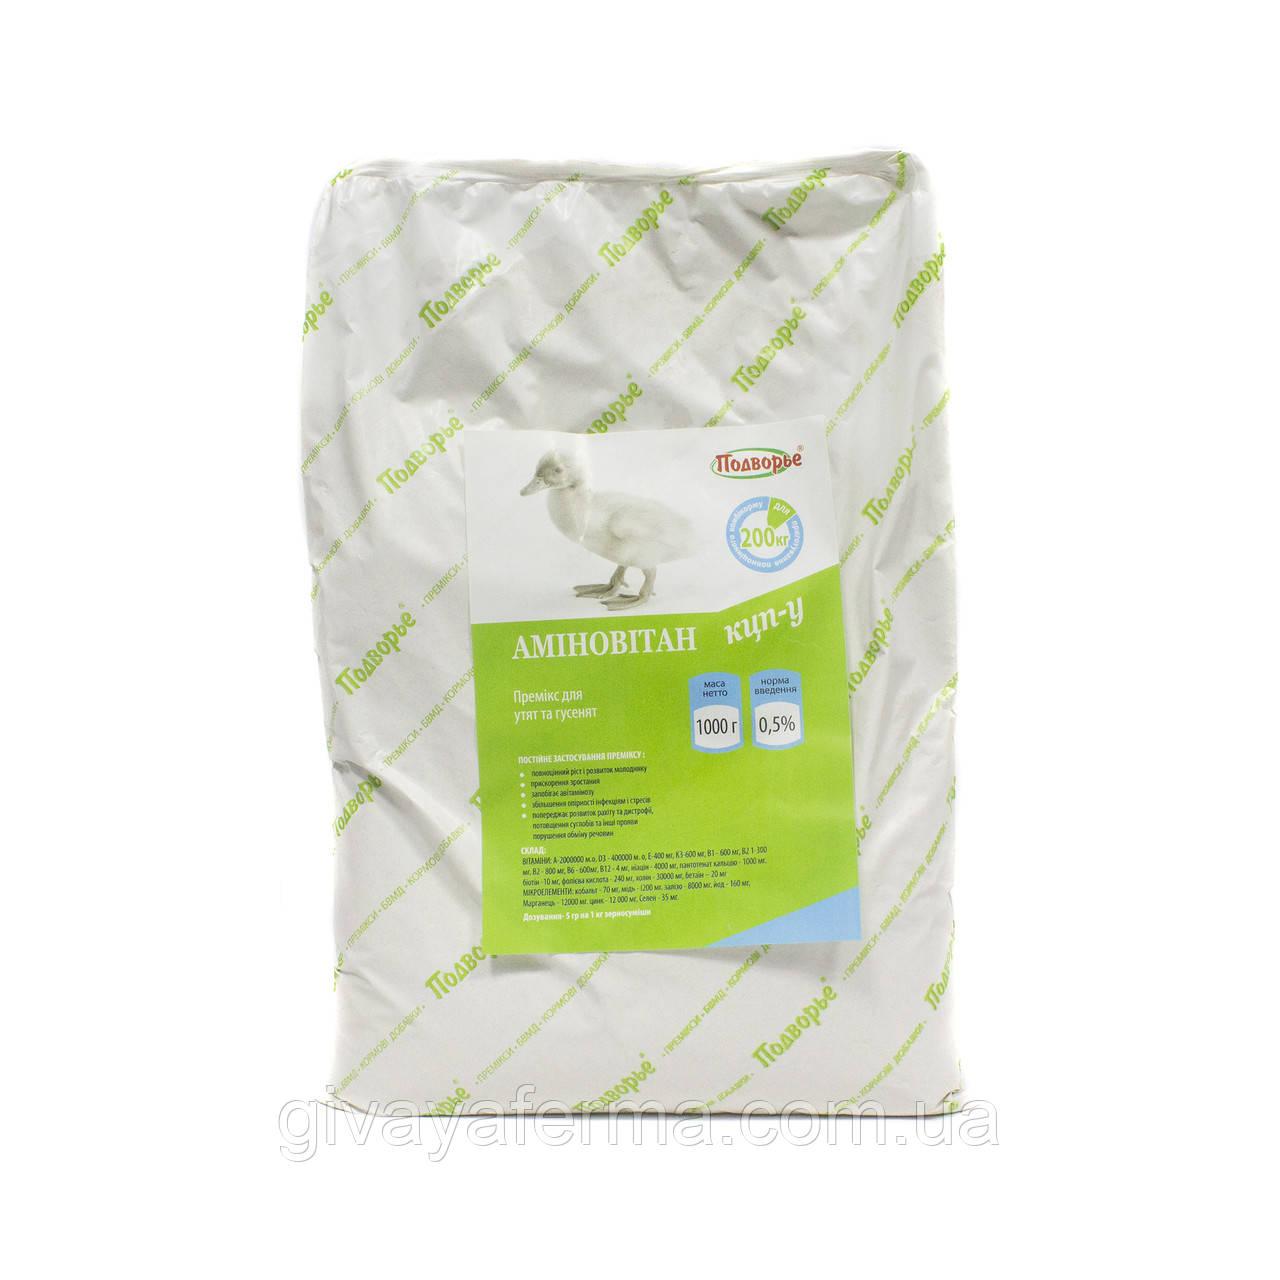 Витаминный премикс Аминовитан КЦП-У утята 0,5%, 1 кг, для утят и гусят, витаминно-минеральная добавка